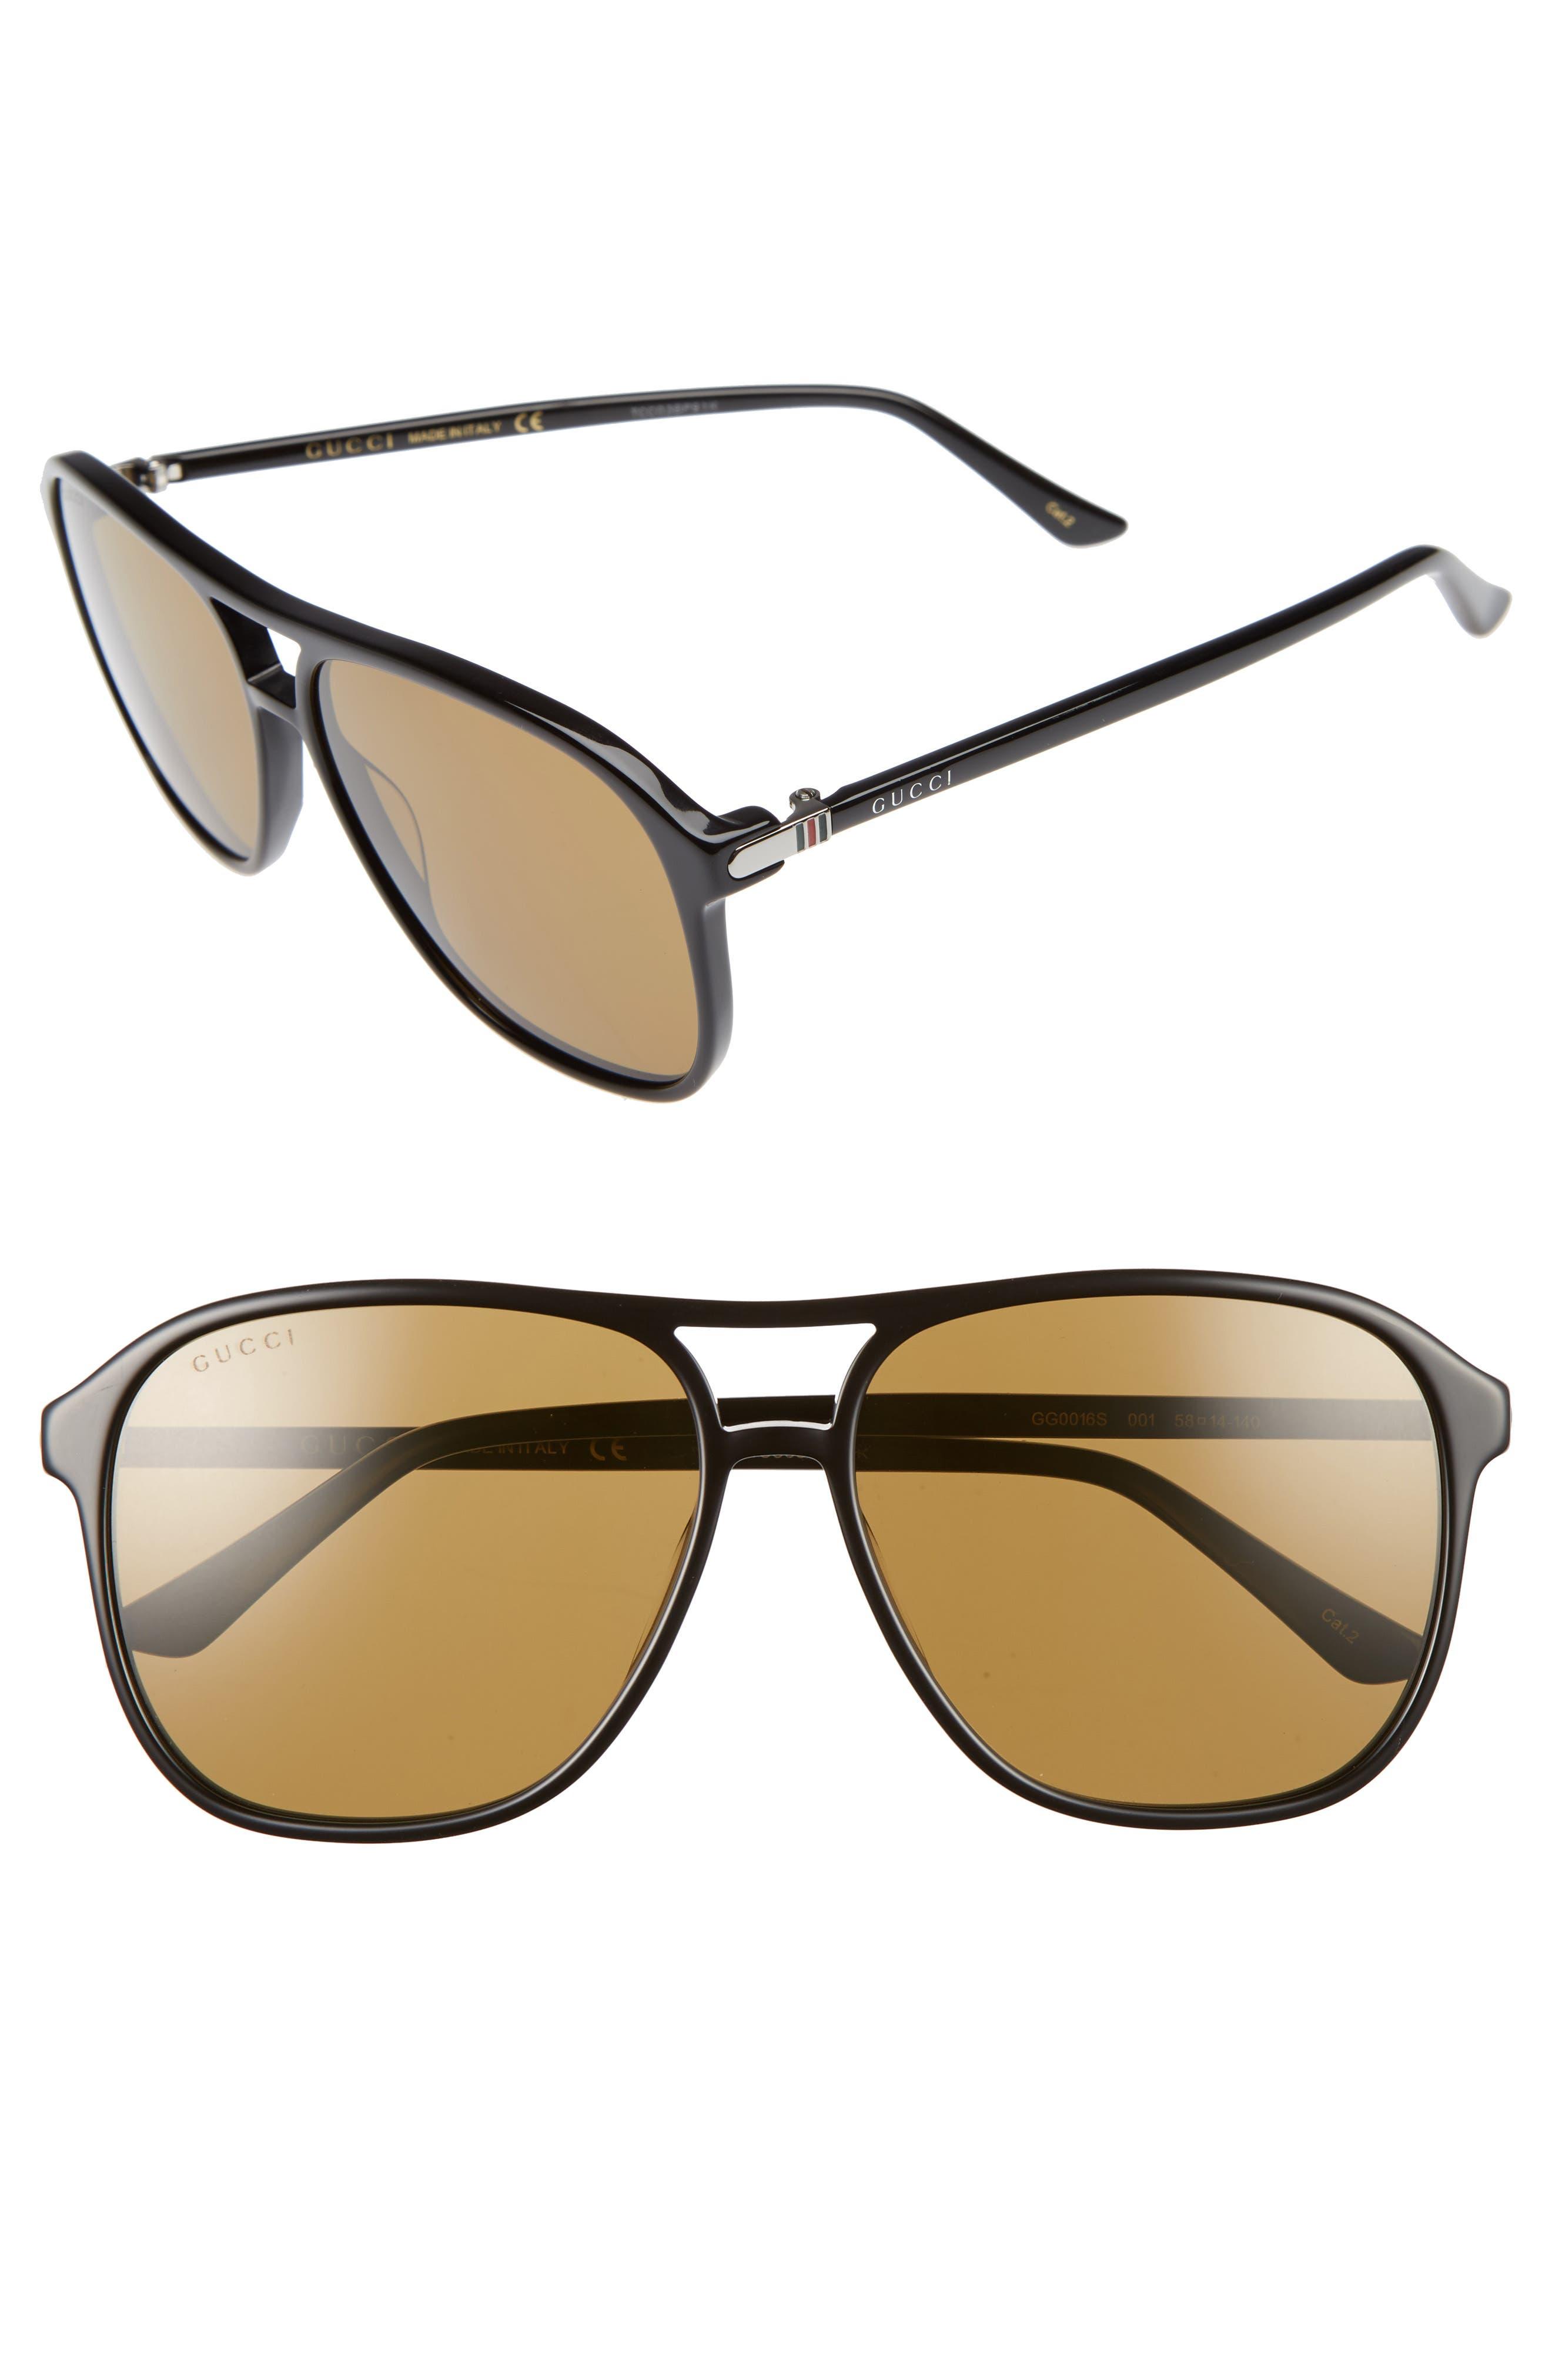 Retro Web 58mm Sunglasses,                             Main thumbnail 1, color,                             BLACK W/ NICOTENE LENS